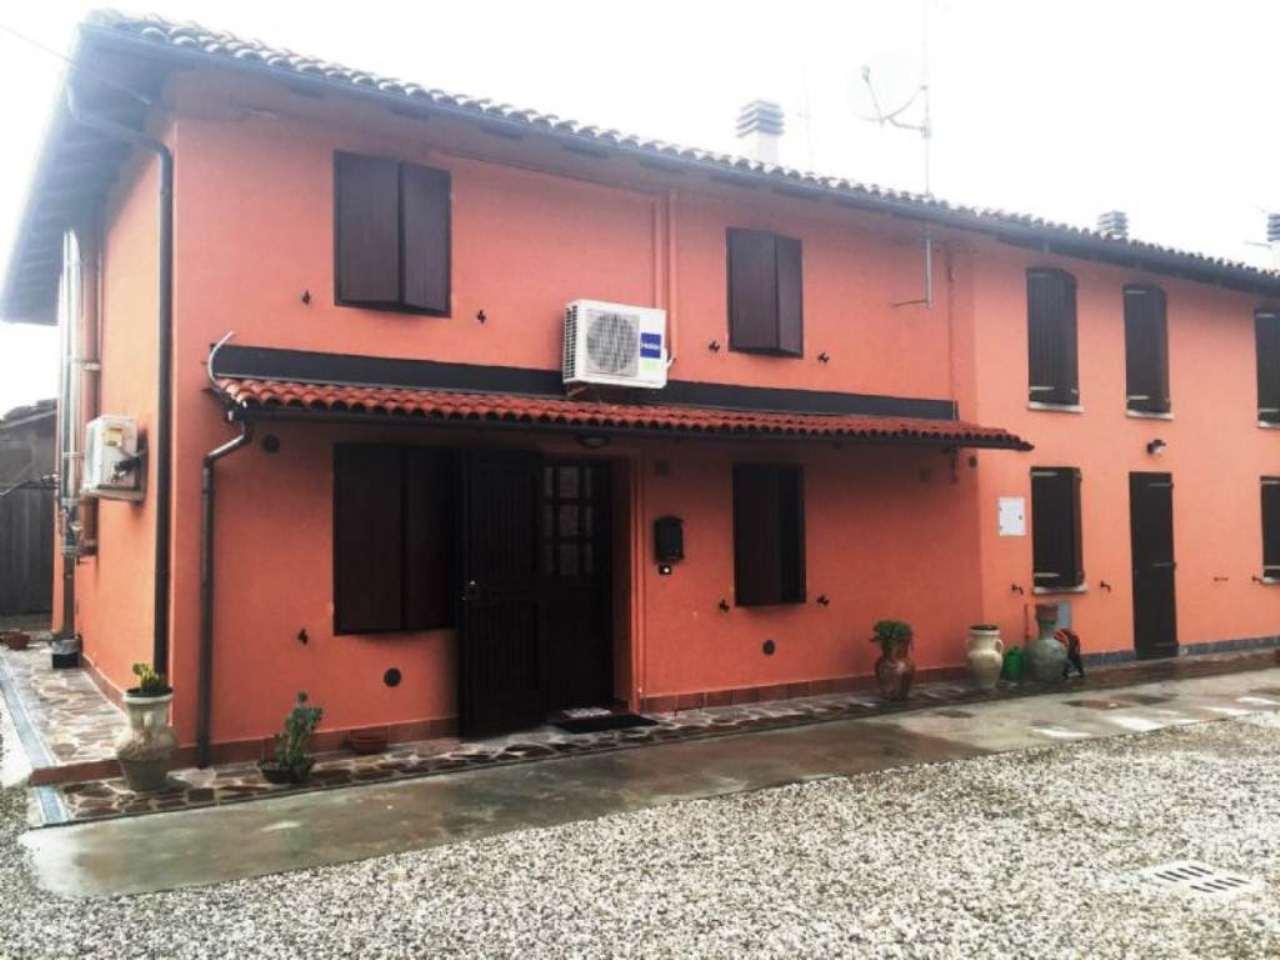 Soluzione Semindipendente in vendita a Malalbergo, 5 locali, prezzo € 195.000   Cambio Casa.it